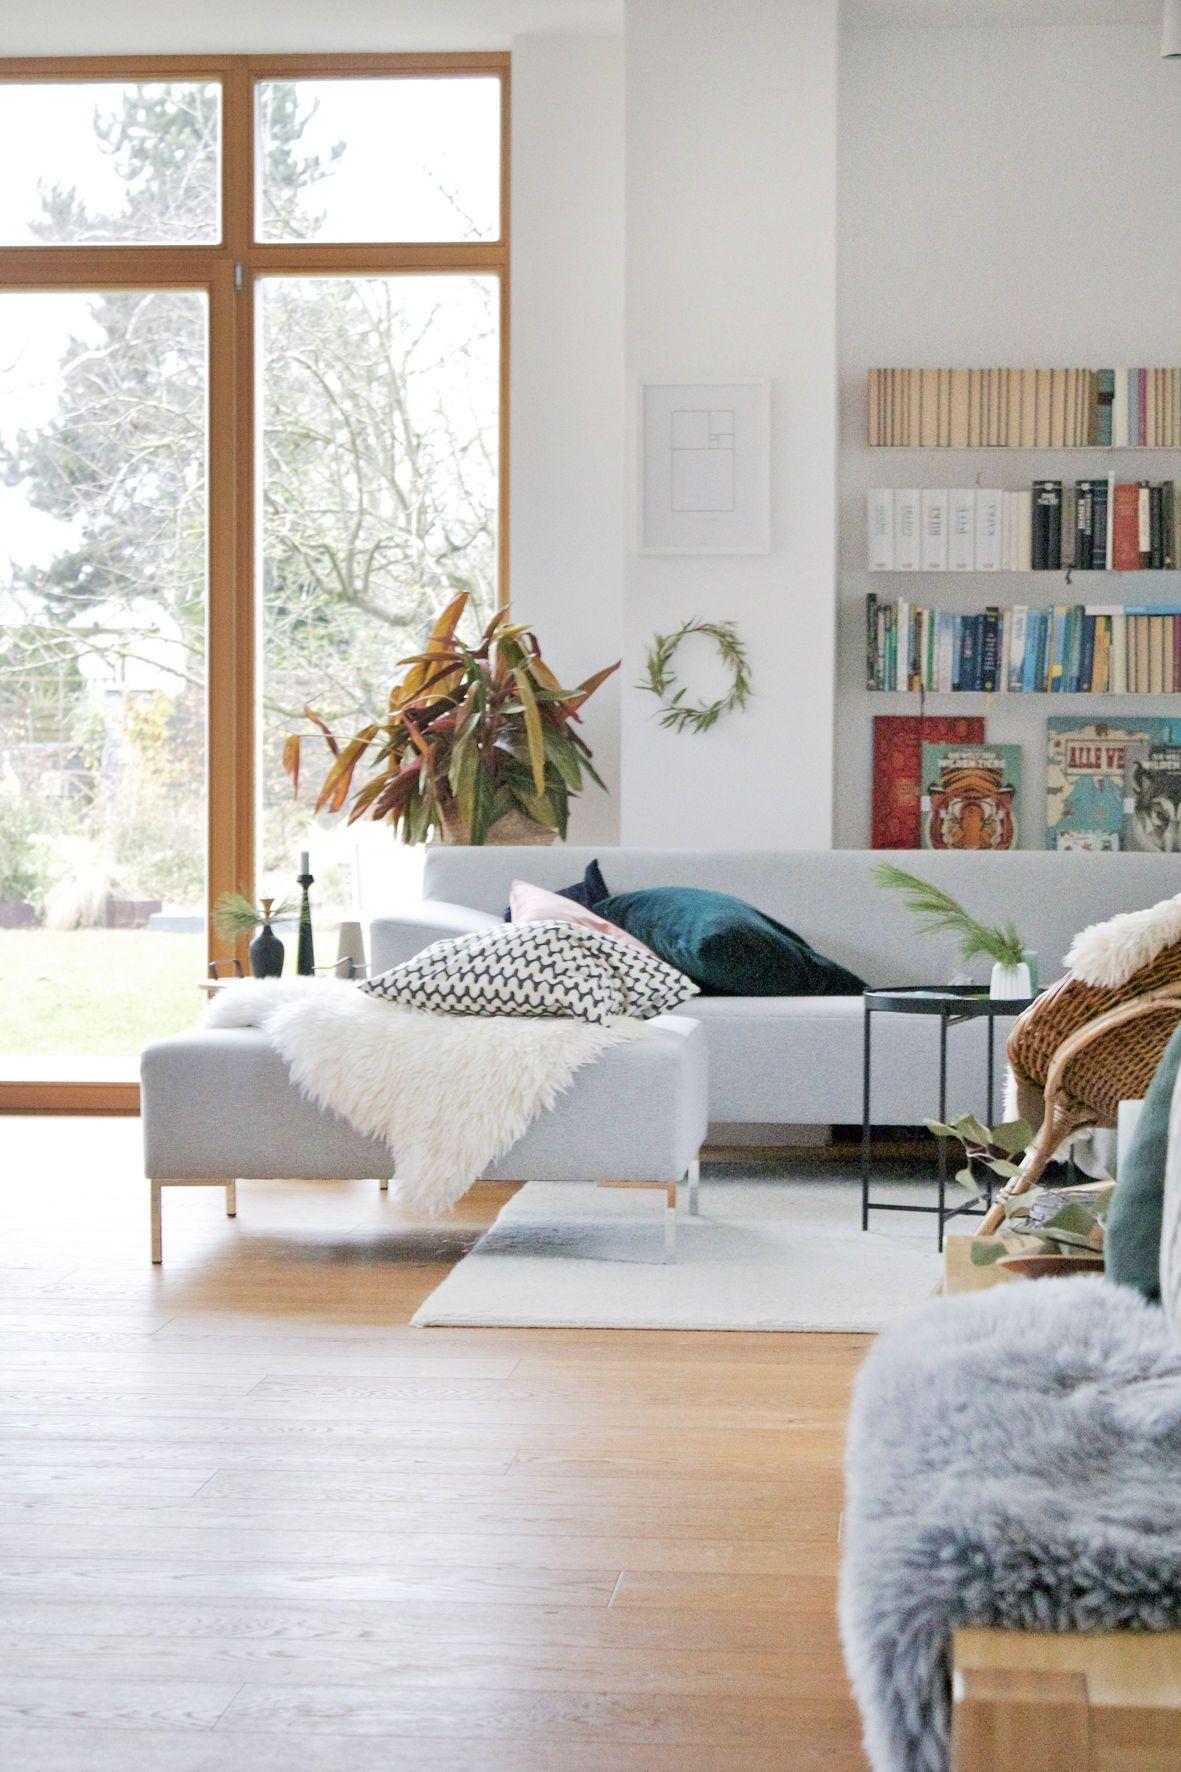 Full Size of Graues Sofa Gelbe Kissen Beiger Teppich Kissenfarbe Kleines Ikea Graue Couch Welche Wandfarbe Blauer Farbe Sofas Ideen Fr Dein Wohnzimmer Polyrattan Sofa Graues Sofa